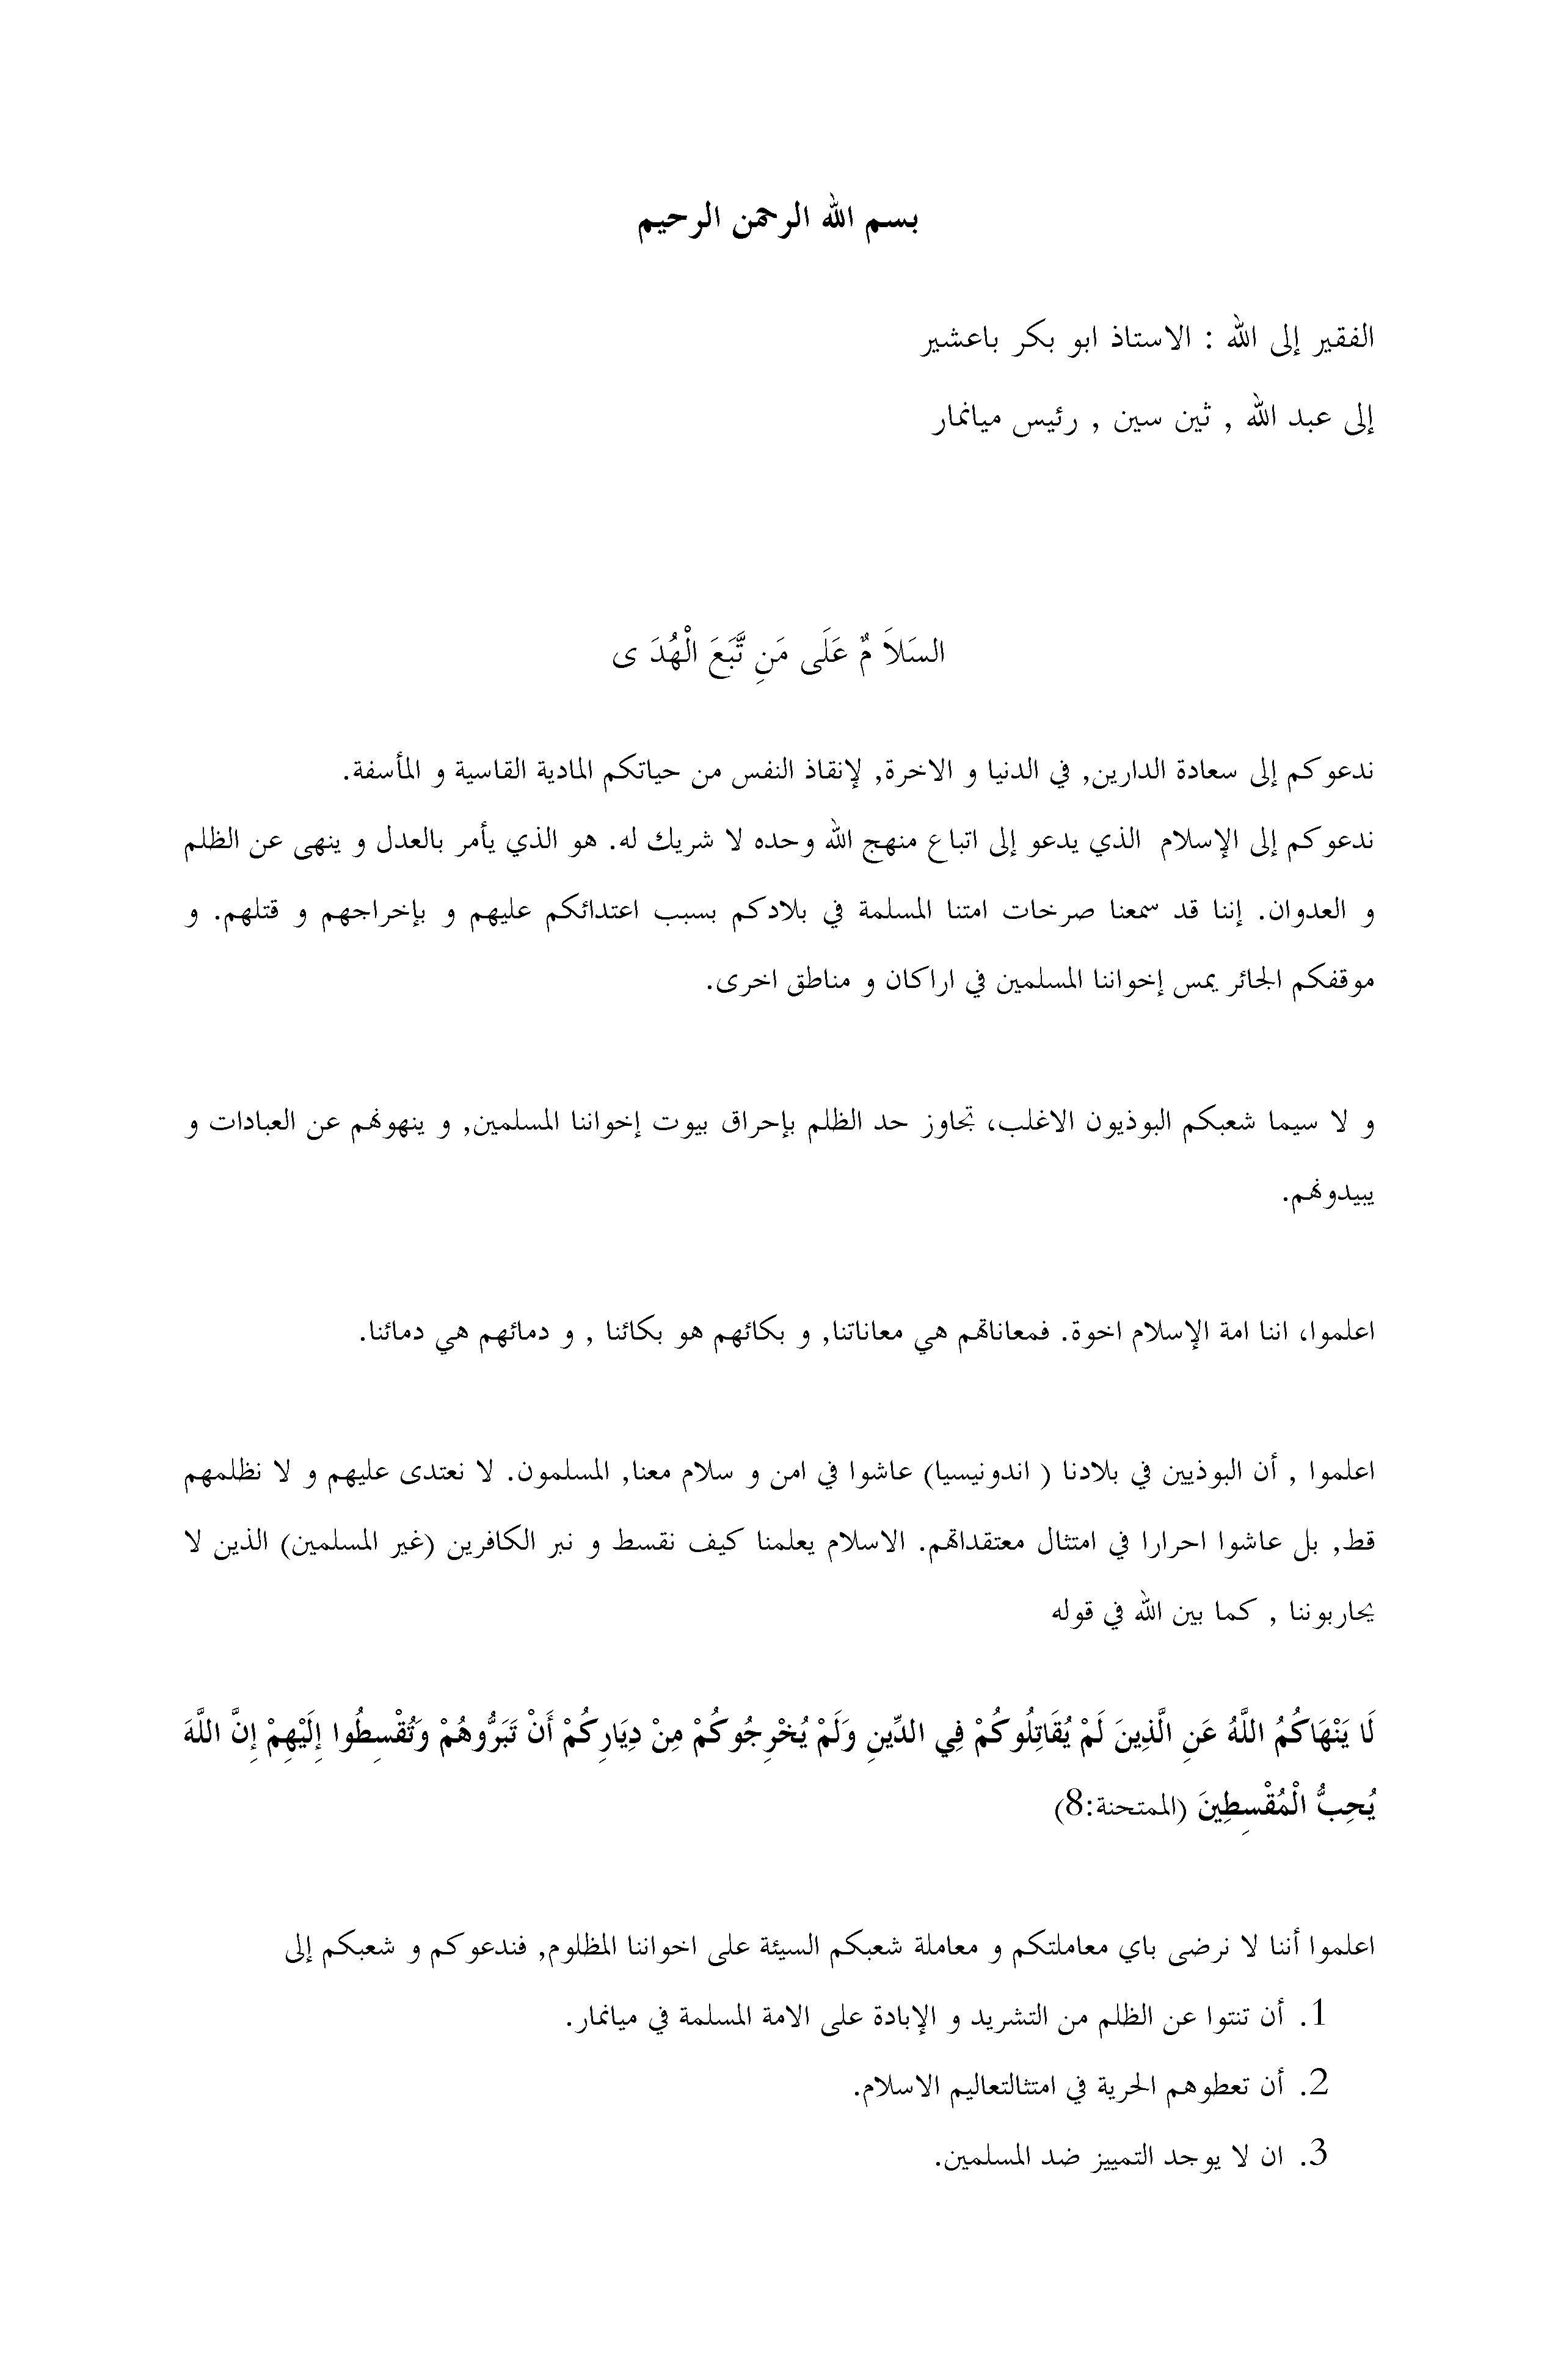 Inilah Surat Ustadz Ba Asyir Dengan 3 Bahasa Untuk Presiden Myanmar